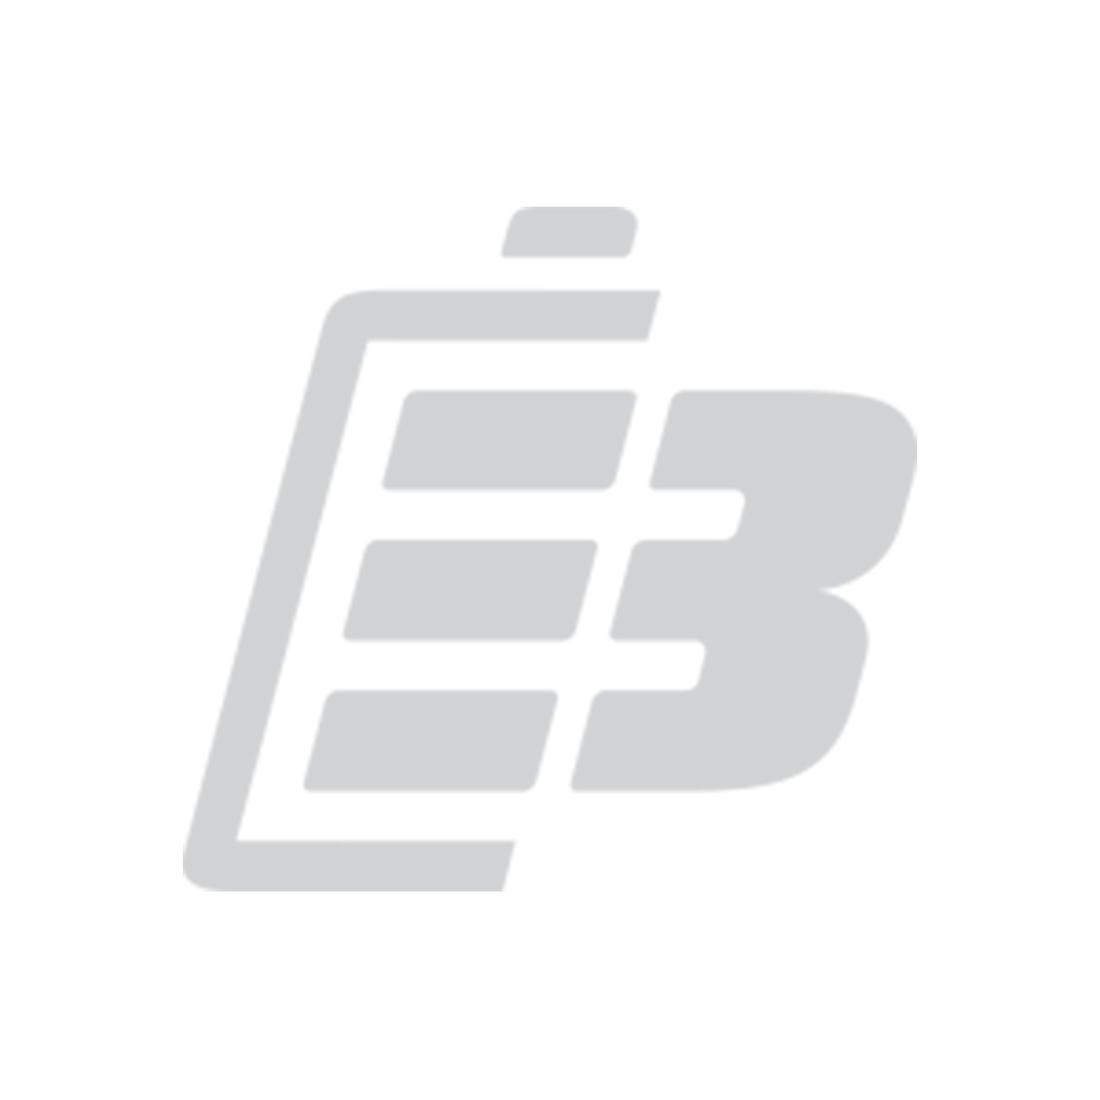 Mobile phone battery LG KG320_1